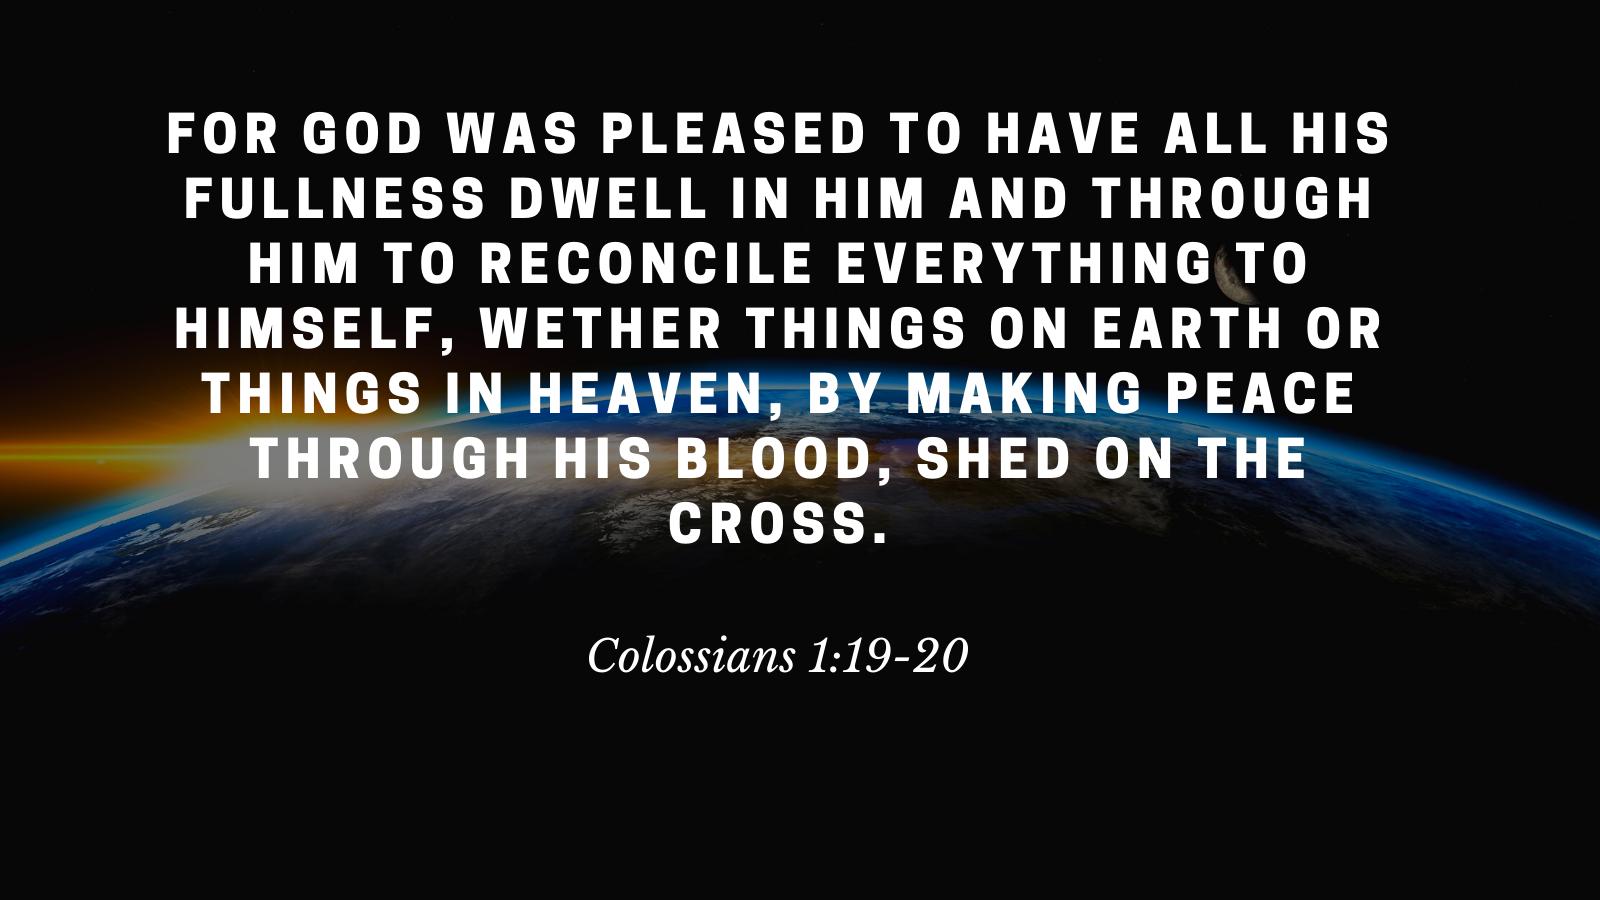 Colossians 119-20